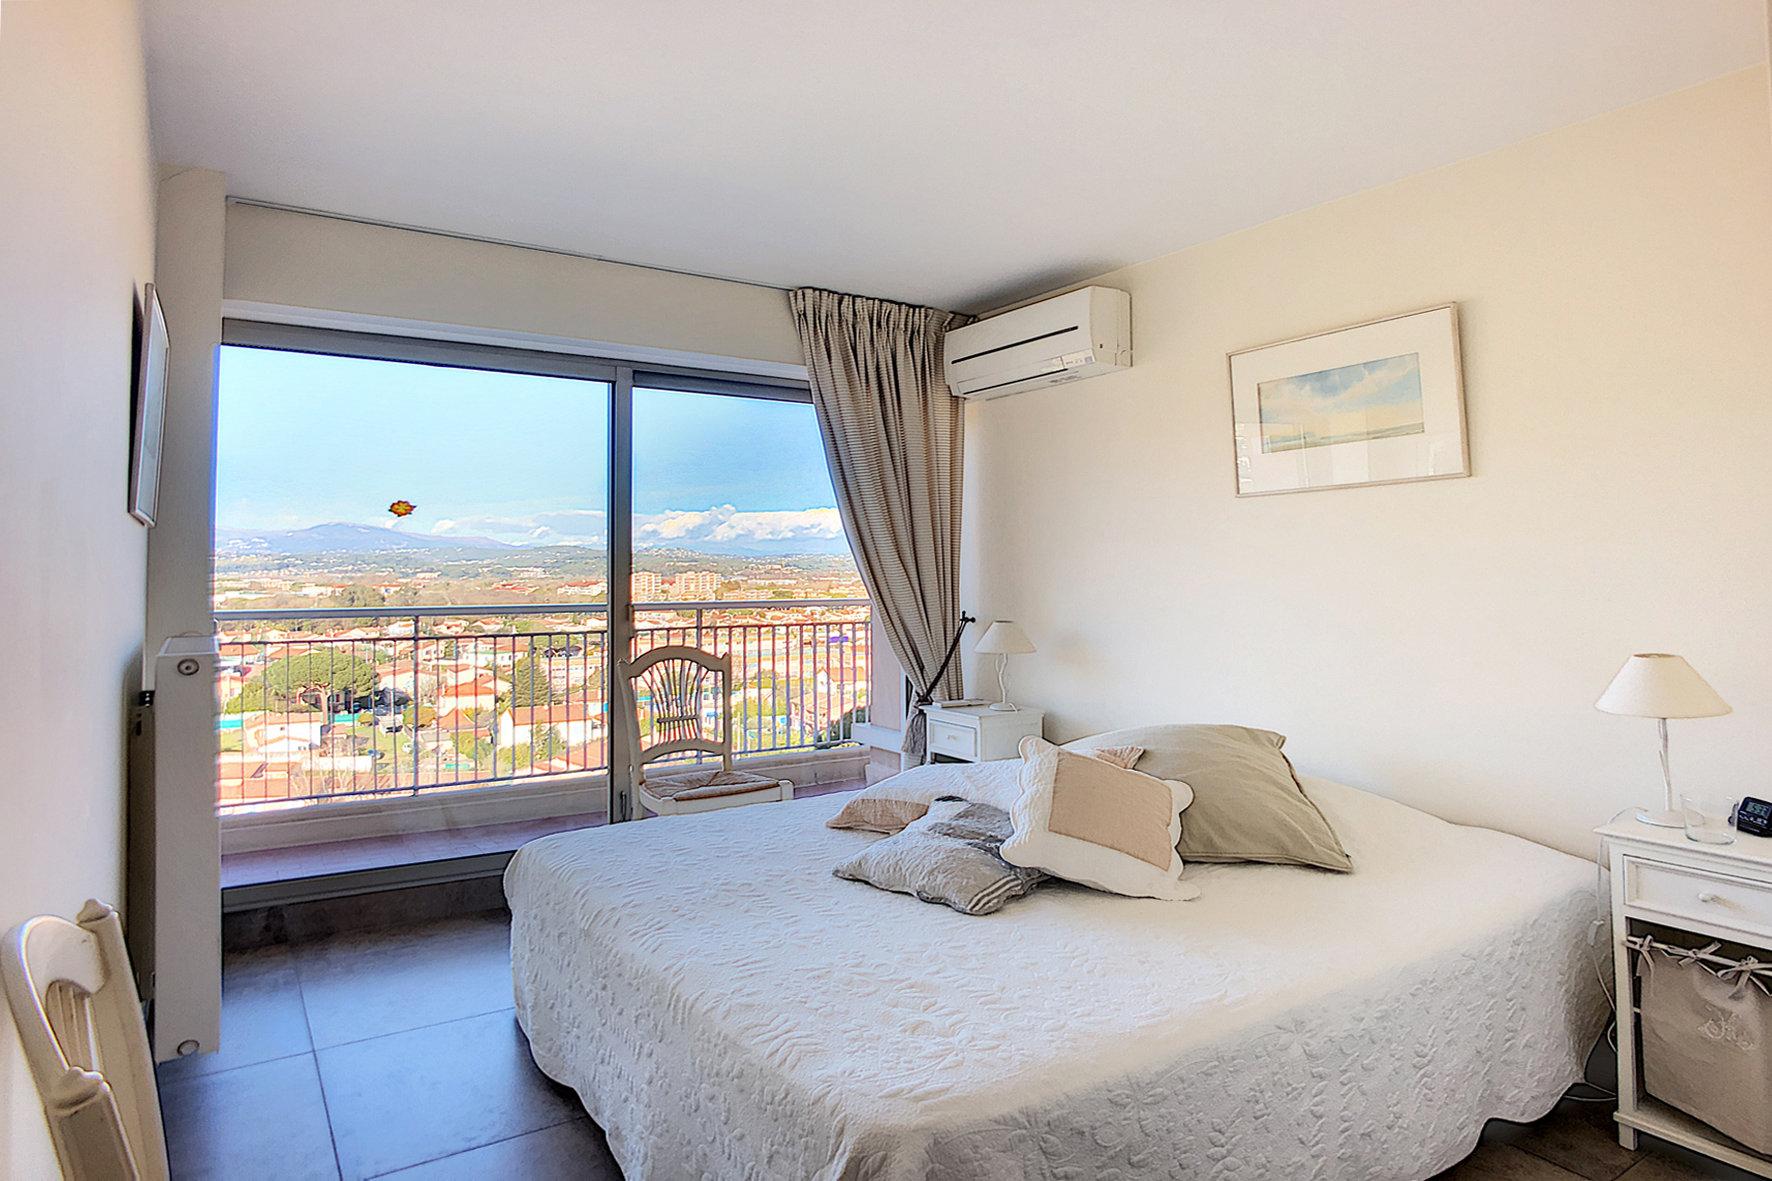 Villa toit avec belle vue et prestations de qualité